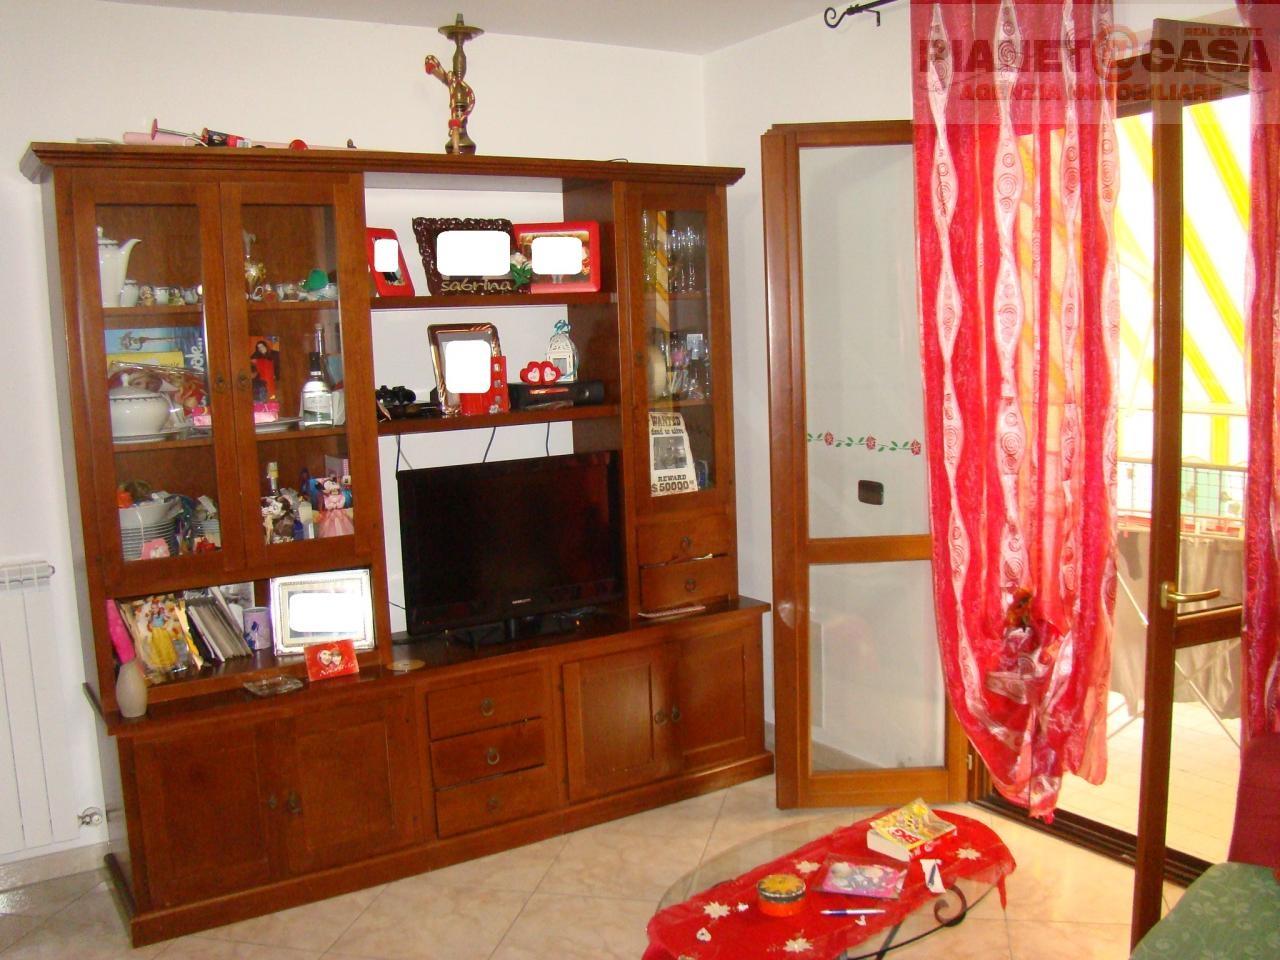 Appartamento in vendita a Spinetoli, 3 locali, zona Località: PAGLIAREDELTRONTO, prezzo € 87.000 | CambioCasa.it